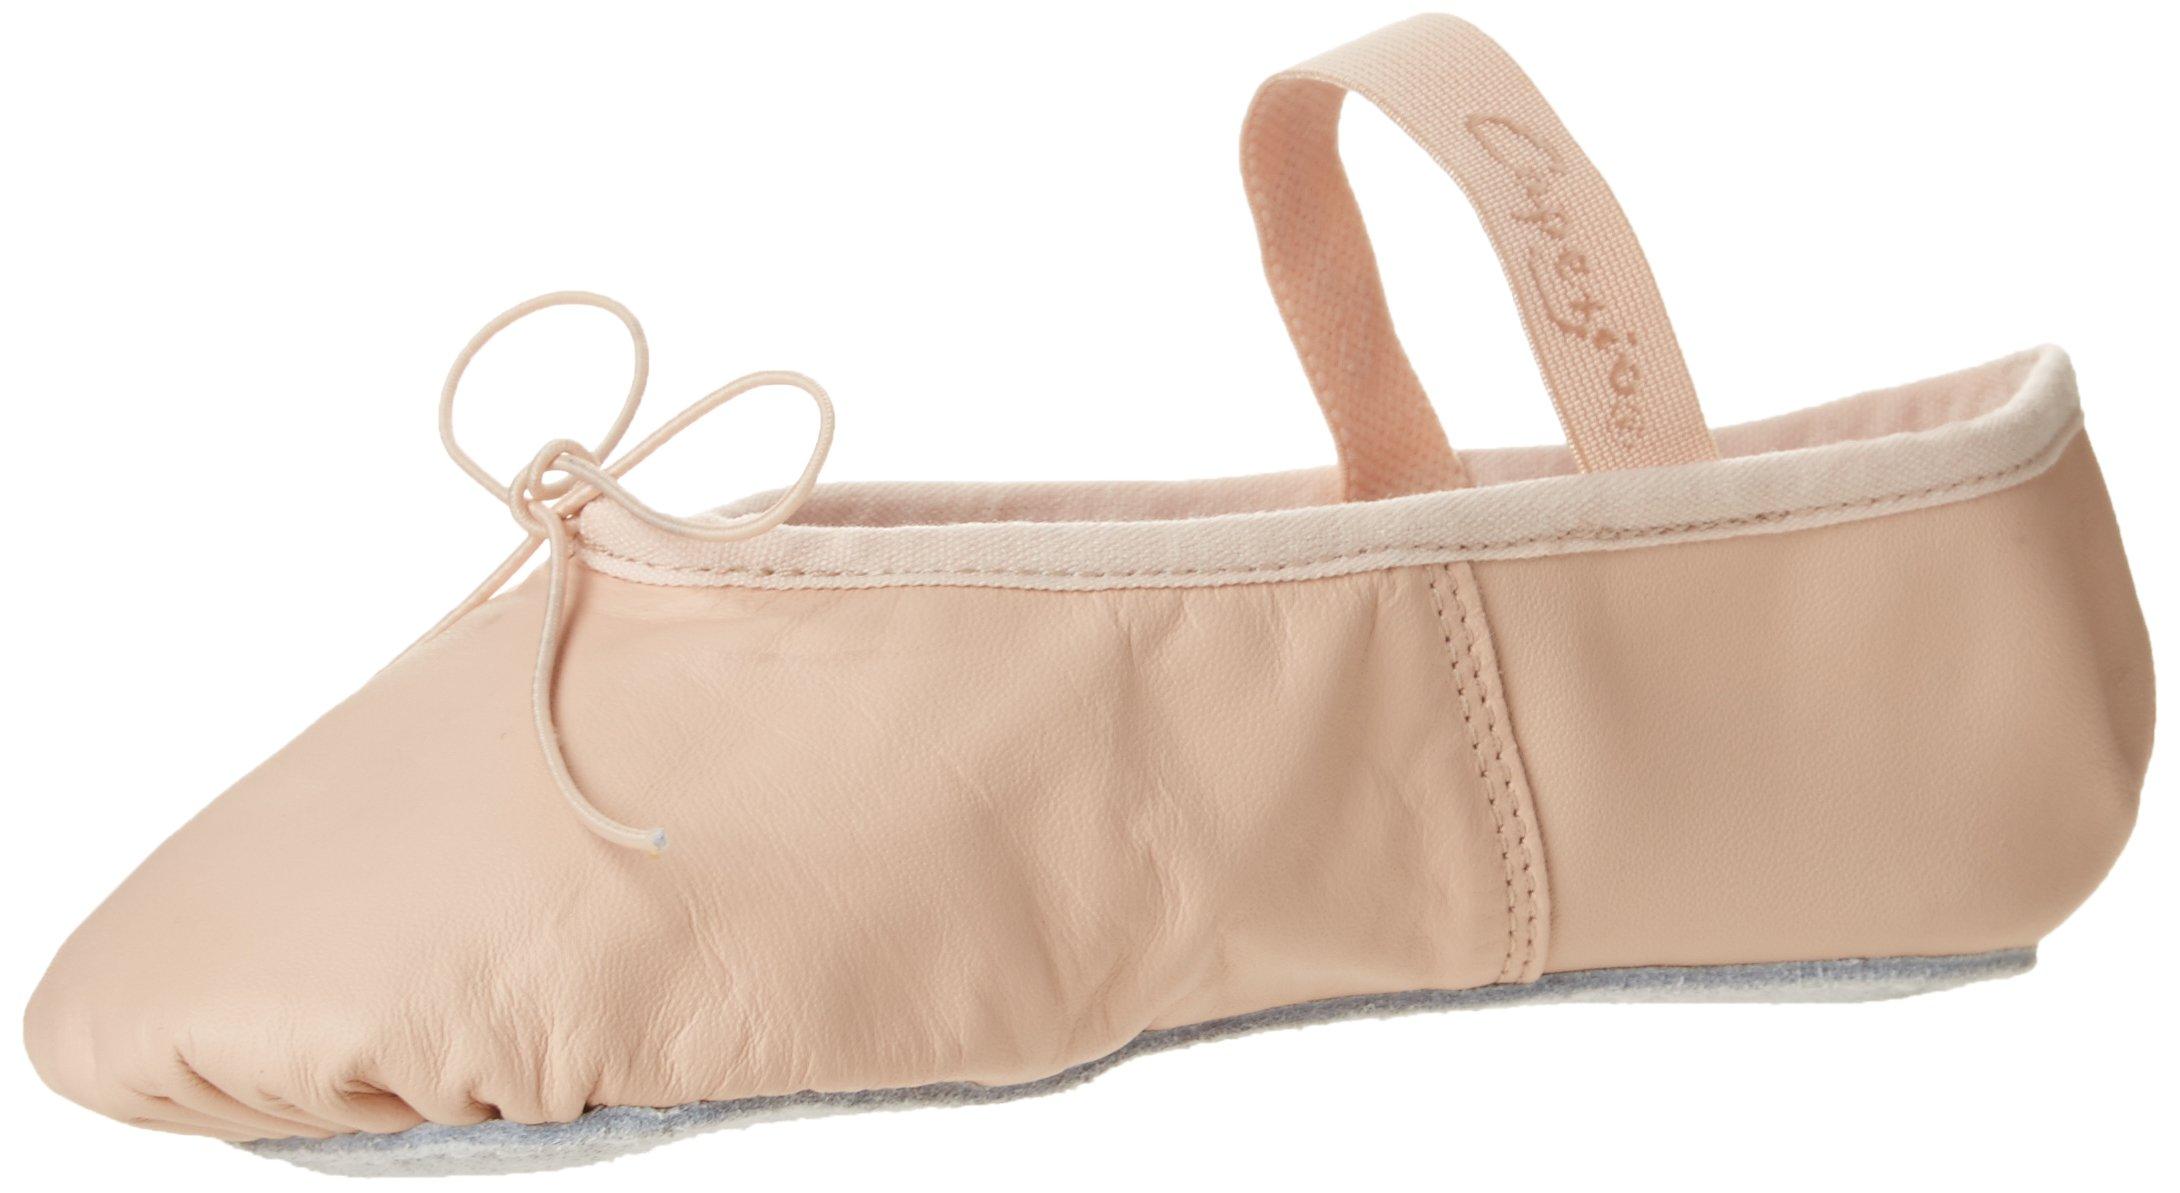 Capezio Women's Daisy Ballet Shoe,Ballet Pink,5 M US